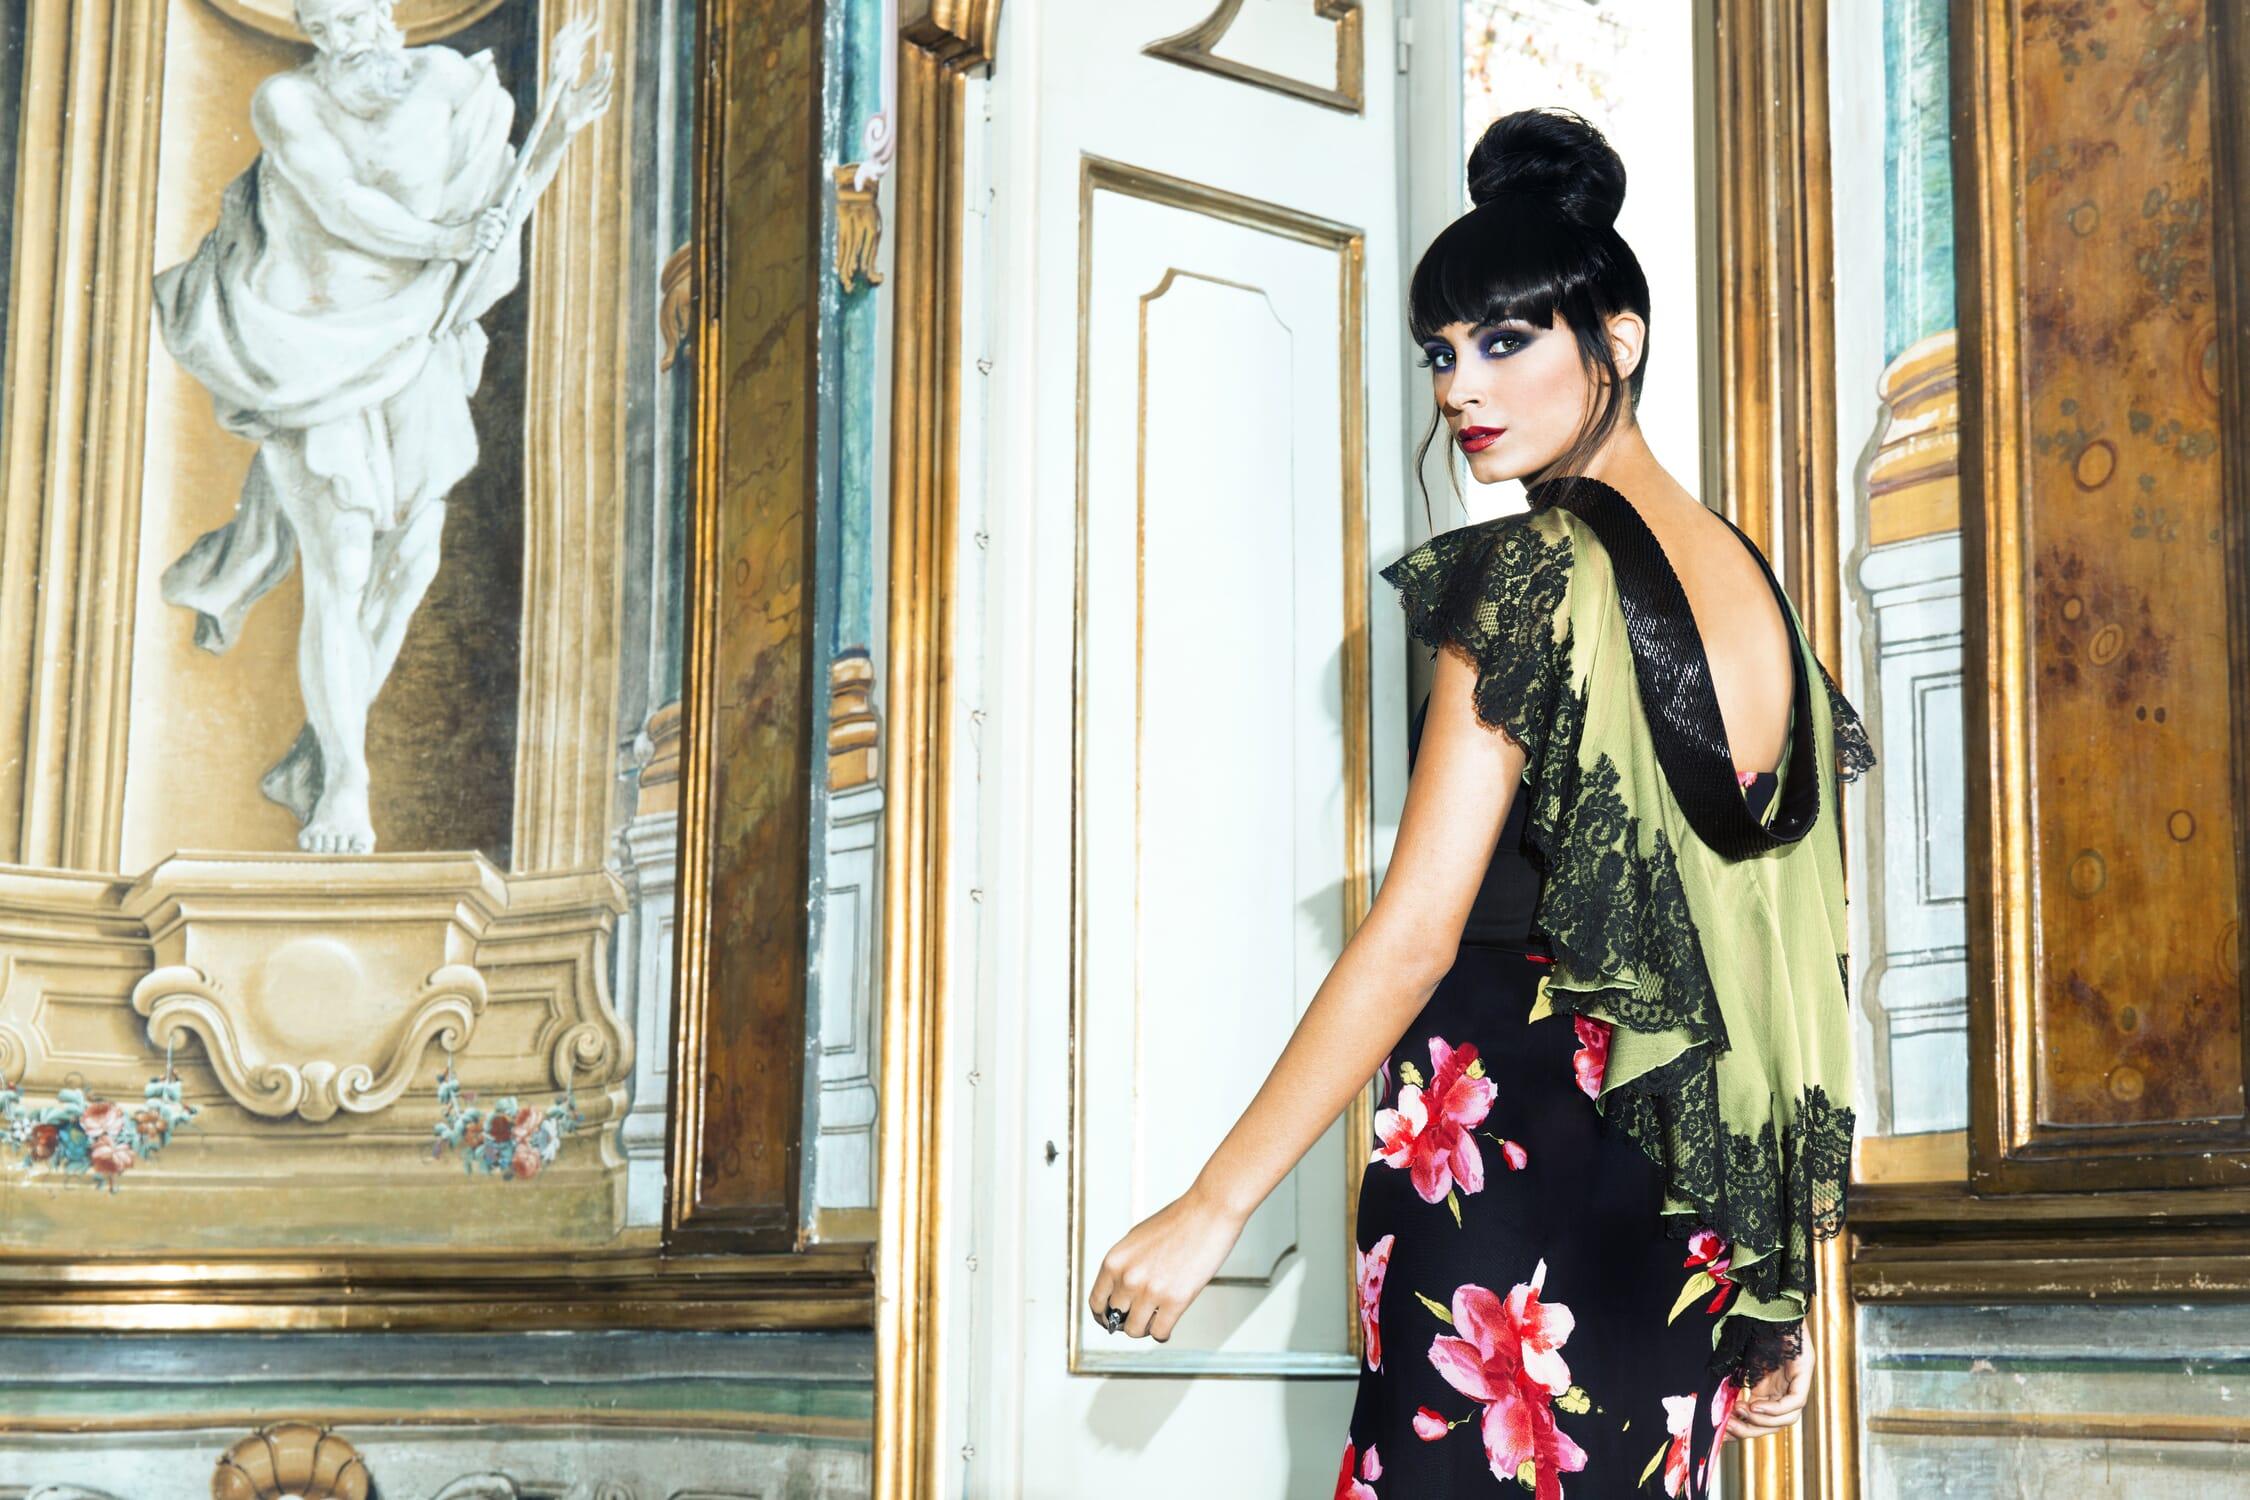 Foto vista posteriore di abito lungo da sera in tessuto nero con fiori a contrasto e applicazione di mantellina lavorata sui bordi che lascia la schiena un pò scoperta.